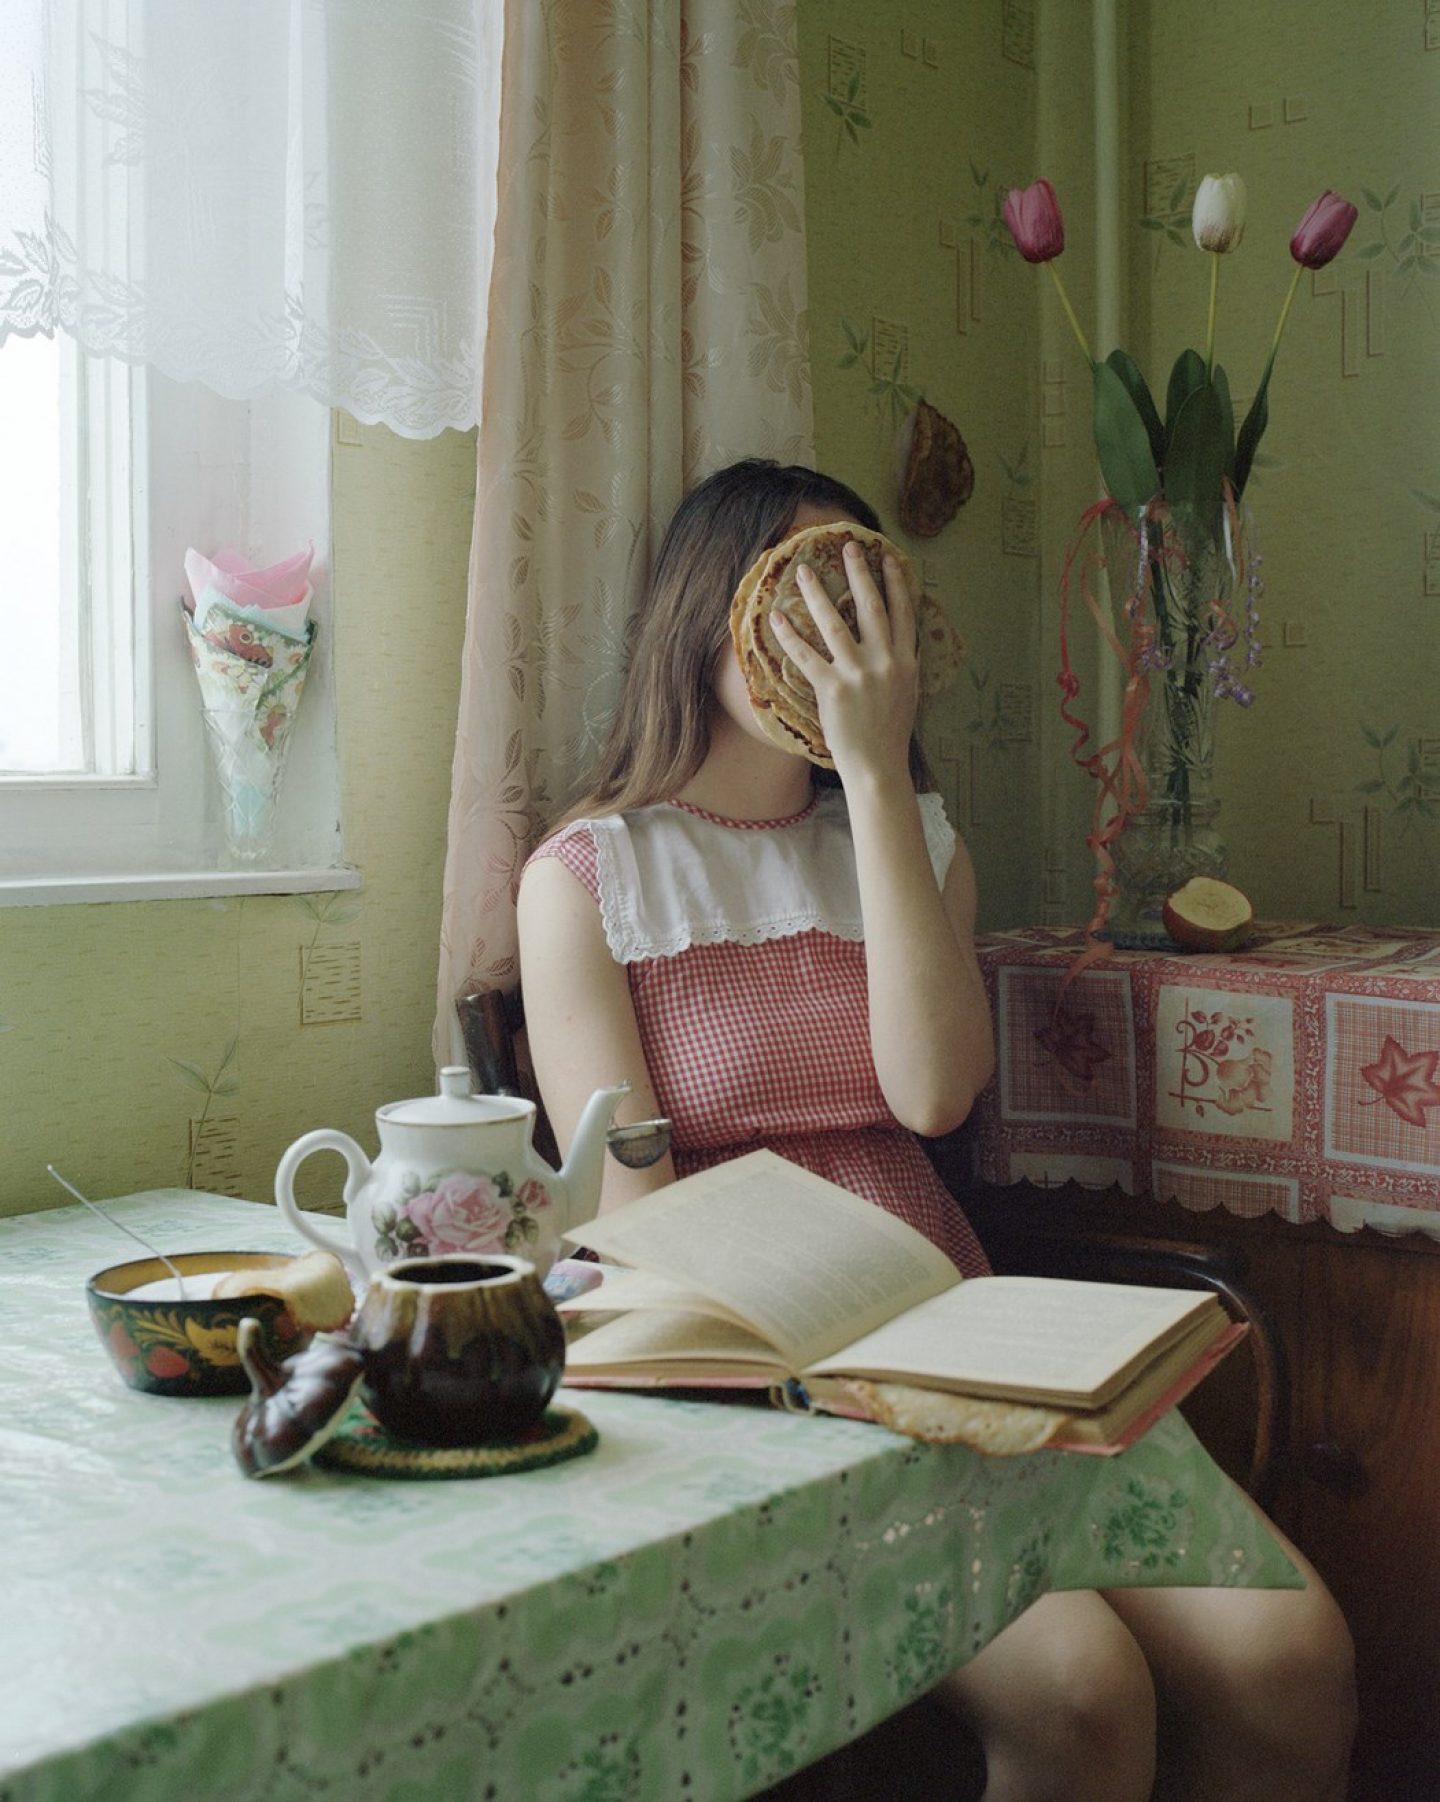 Alena_Zhandarova_photography (3)